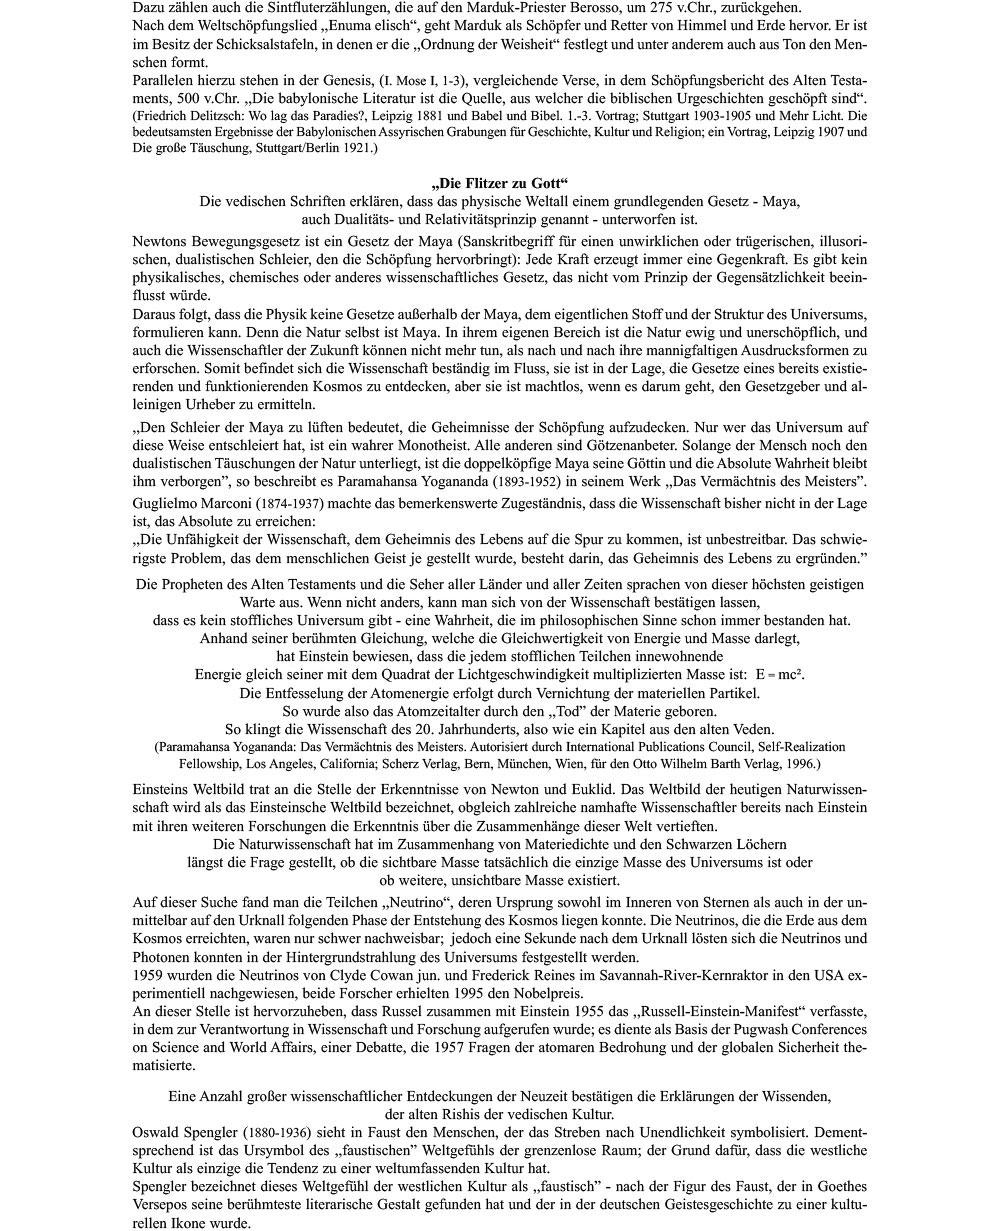 04-geistige-kunst-und-kultur-der-veden-6